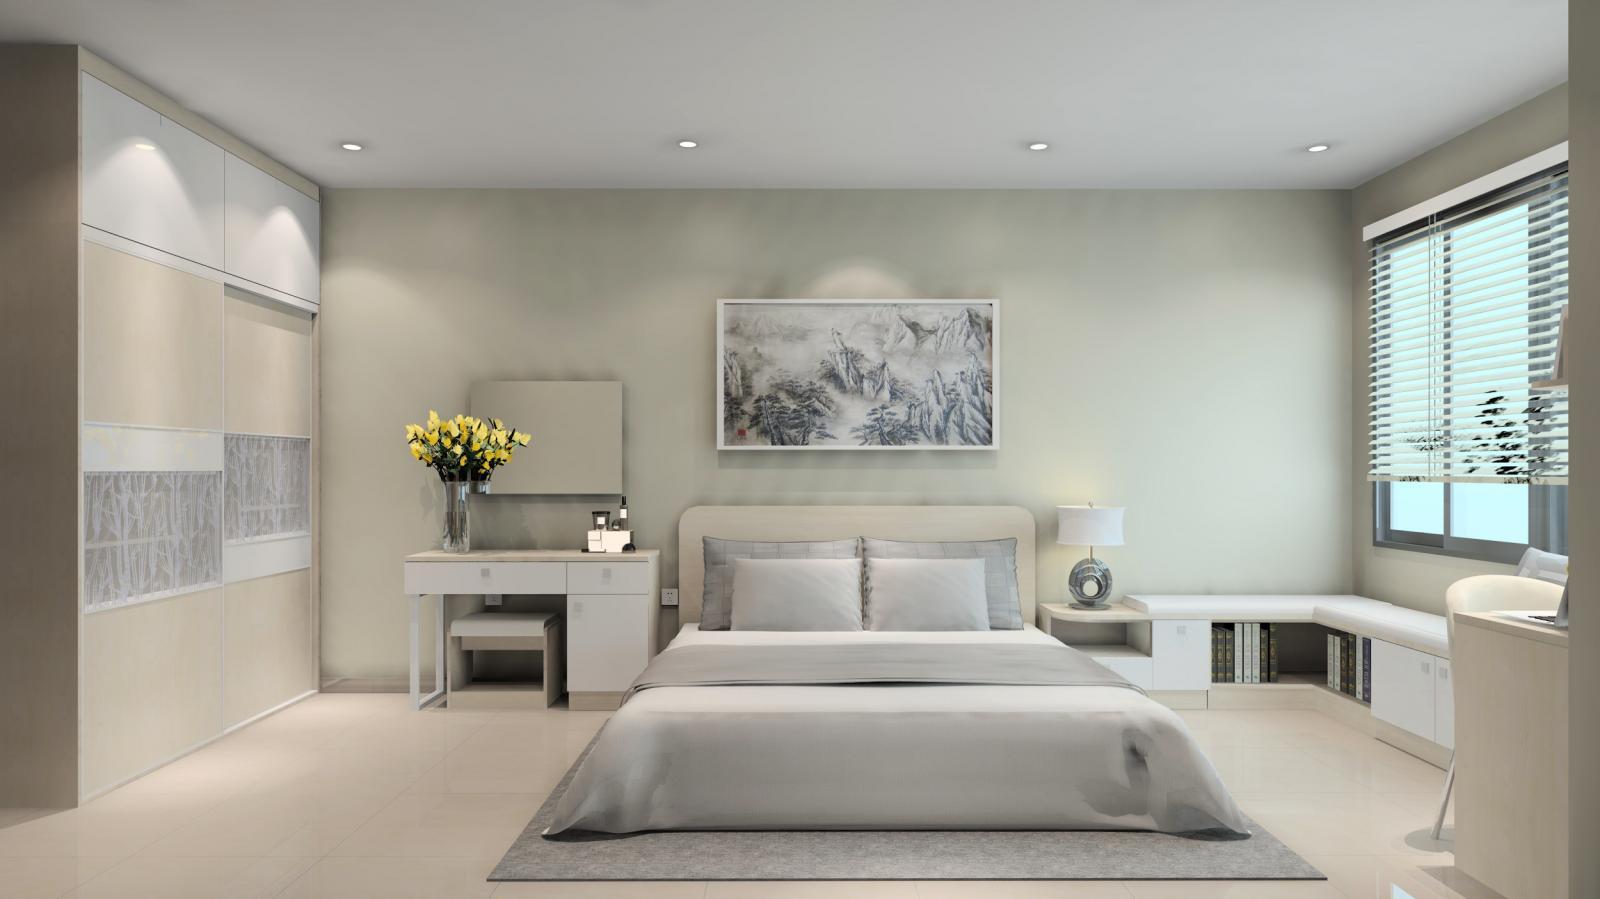 hình ảnh thiết kế nội thất phòng ngủ tông màu xám trắng chủ đạo với điểm nhấn là lọ hoa màu vàng tươi tắn